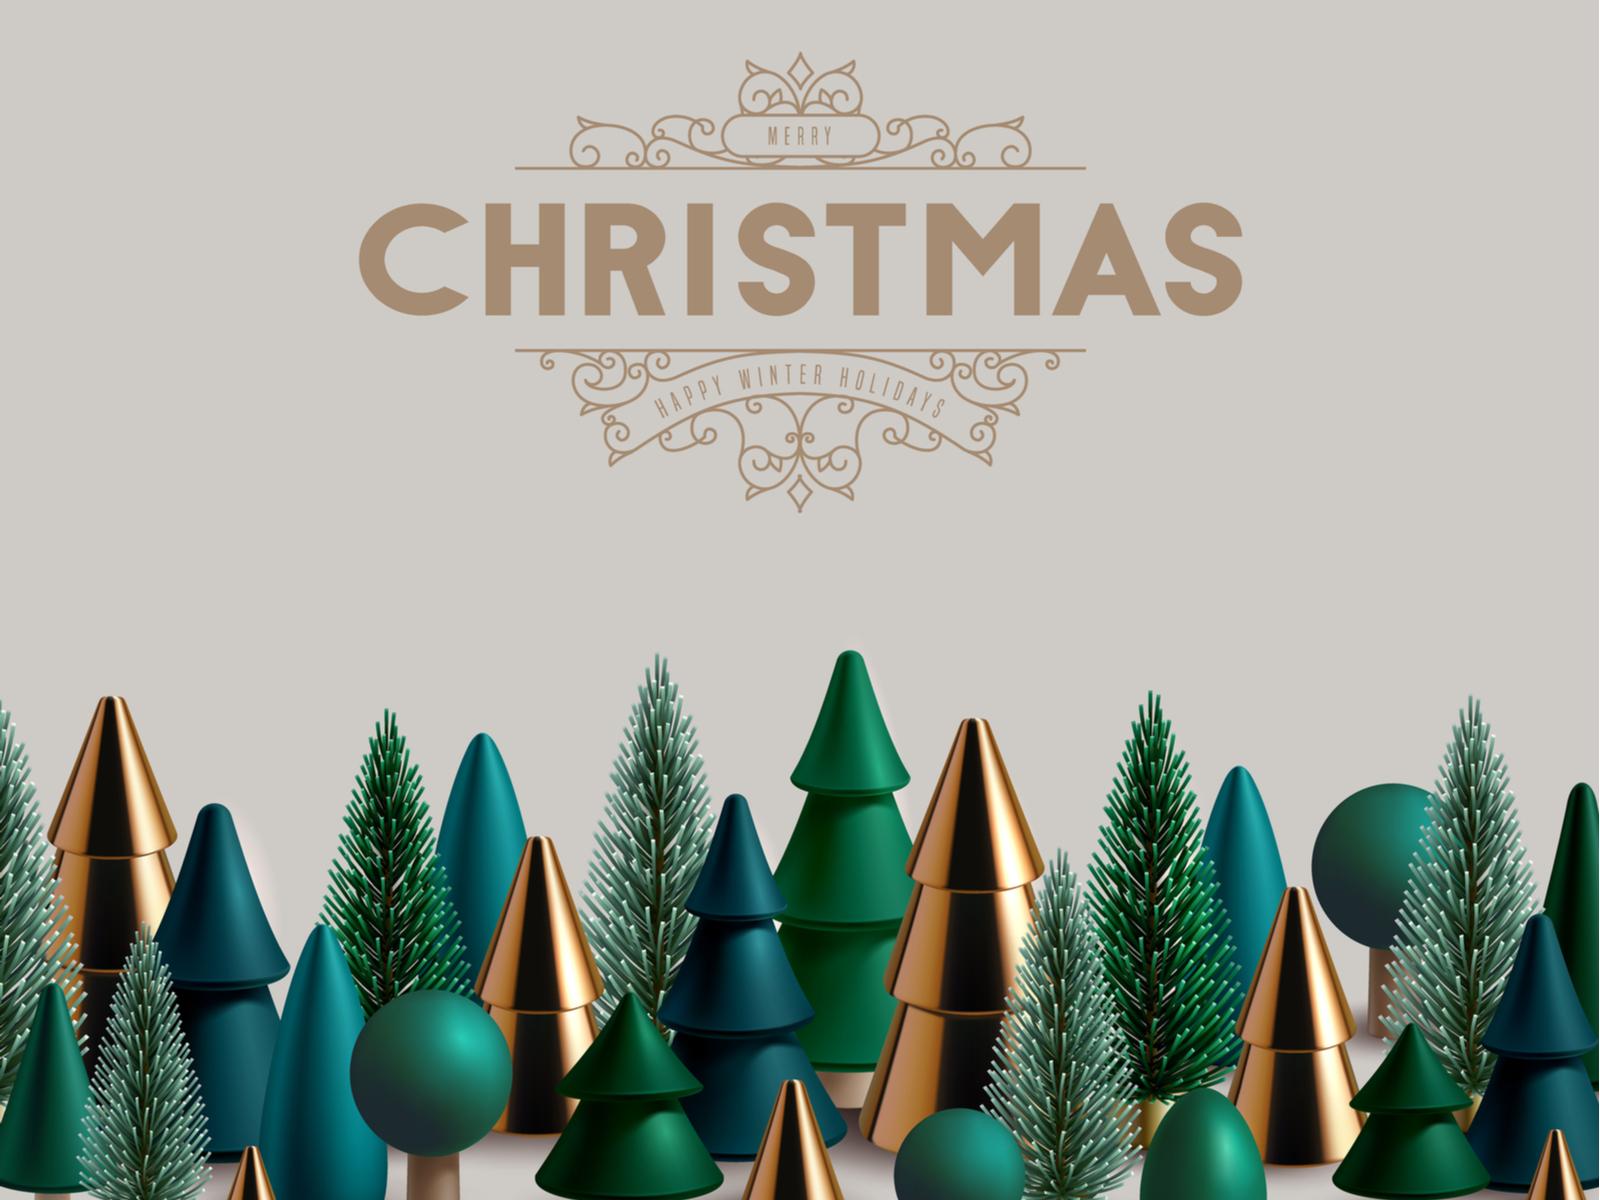 Auguri Di Natale Originali.Auguri Di Natale 2021 Le Piu Belle Frasi Di Buon Natale Donna Moderna